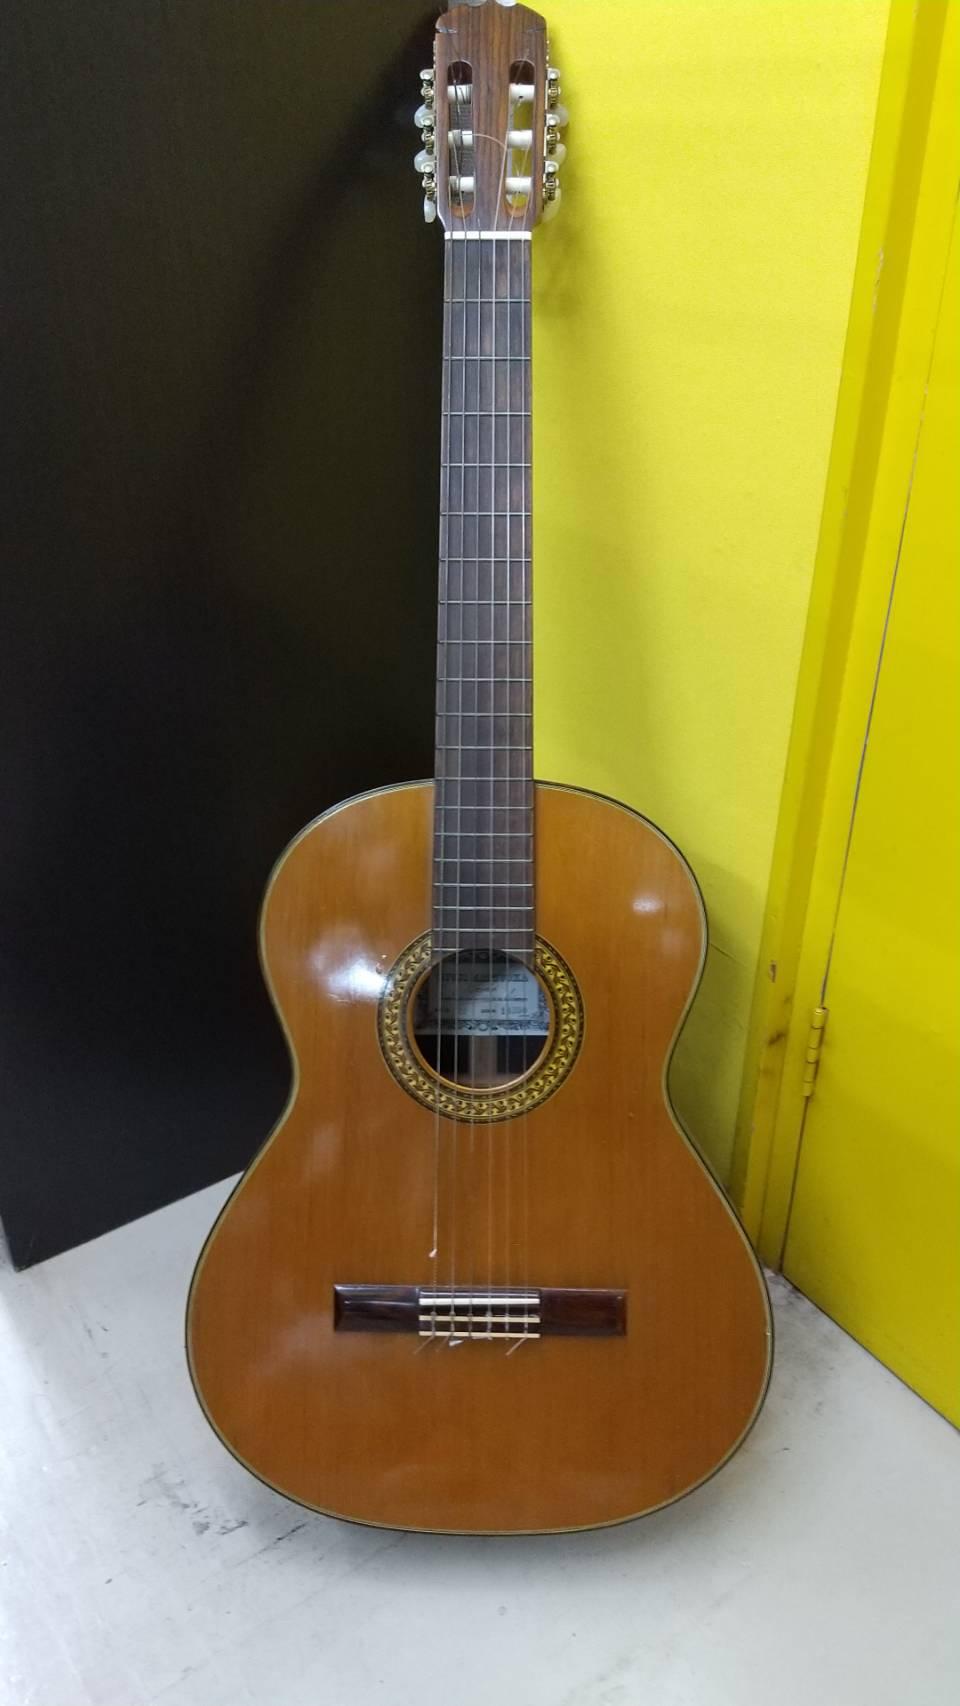 【RYOJI MATSUOKA アコースティックギター リョウジマツオカ 松岡良治 No.20】を買取いたしました!の買取-